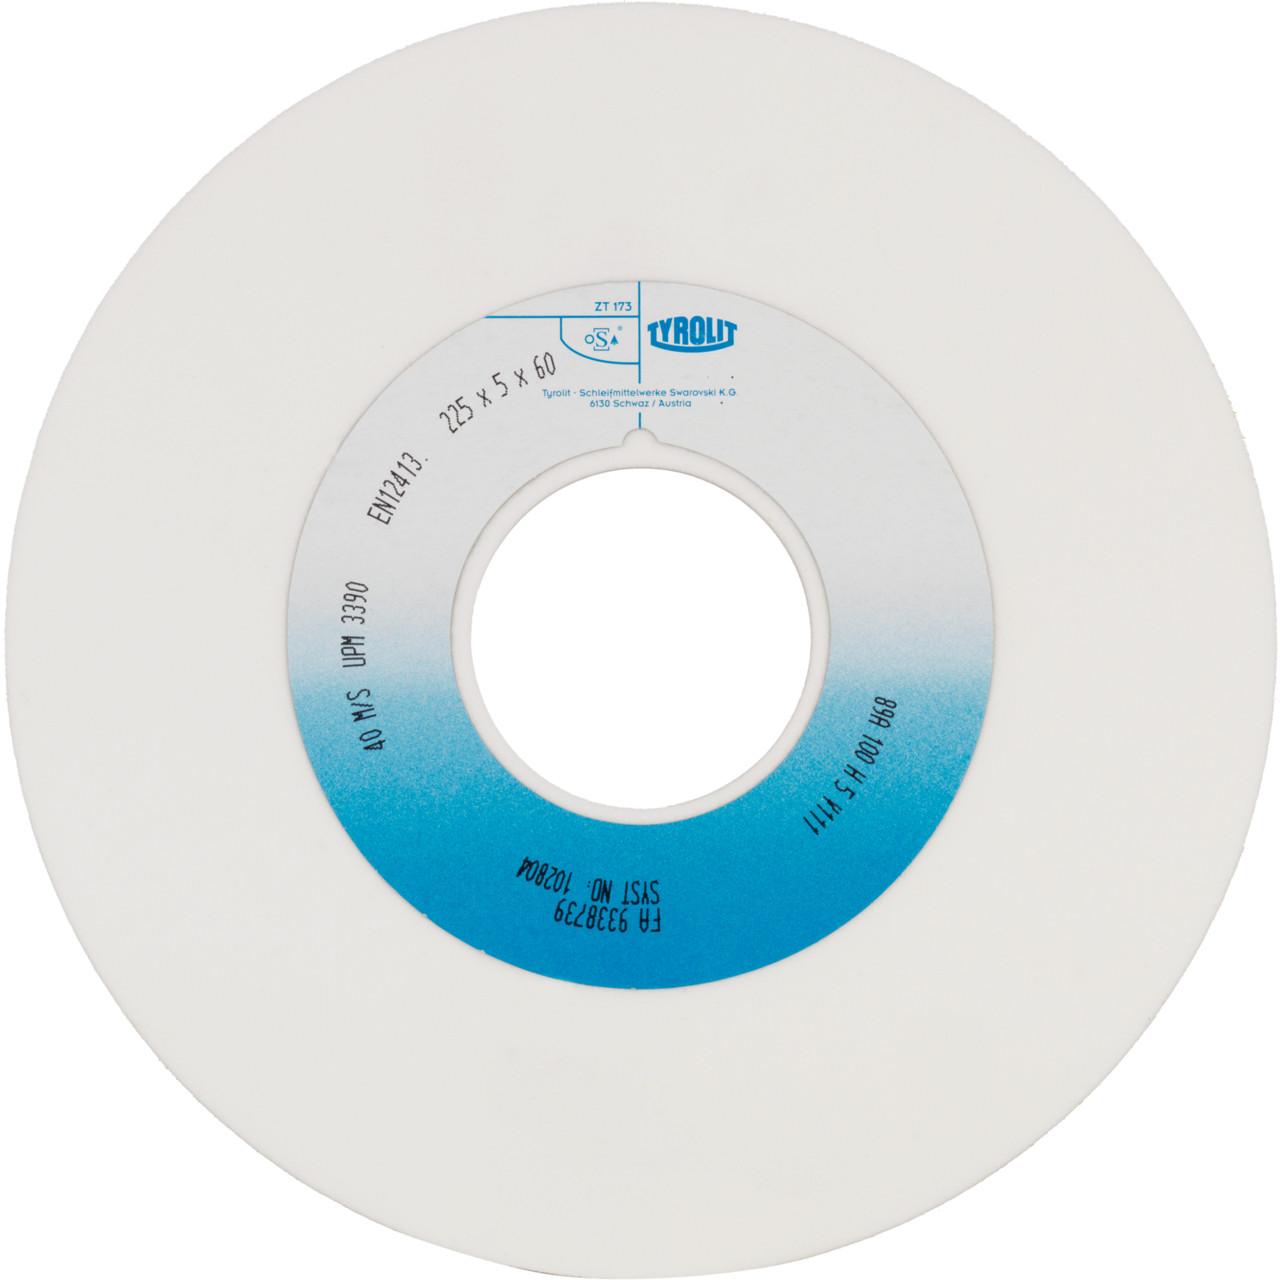 Immagine di Mole per la rettifica di profili al a CBN  legante vetrificato e legante resinoide e Per metallo duro e acciaio superrapido